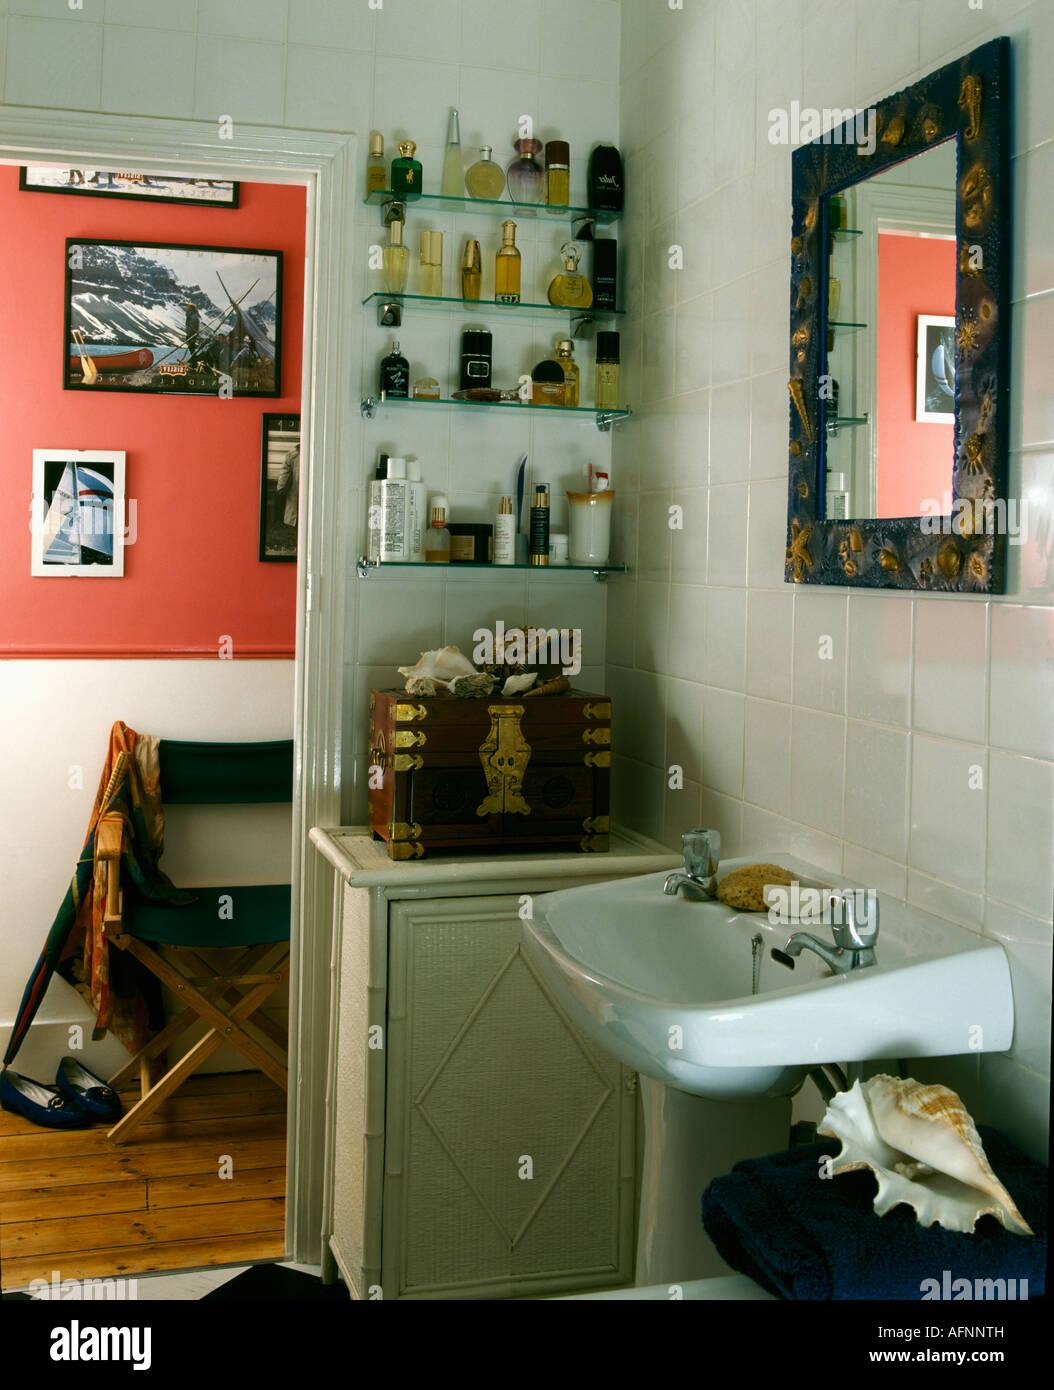 Estanterias De Cristal Para Cuartos De Bano.Coleccion De Frascos De Perfume En Estantes De Vidrio En La